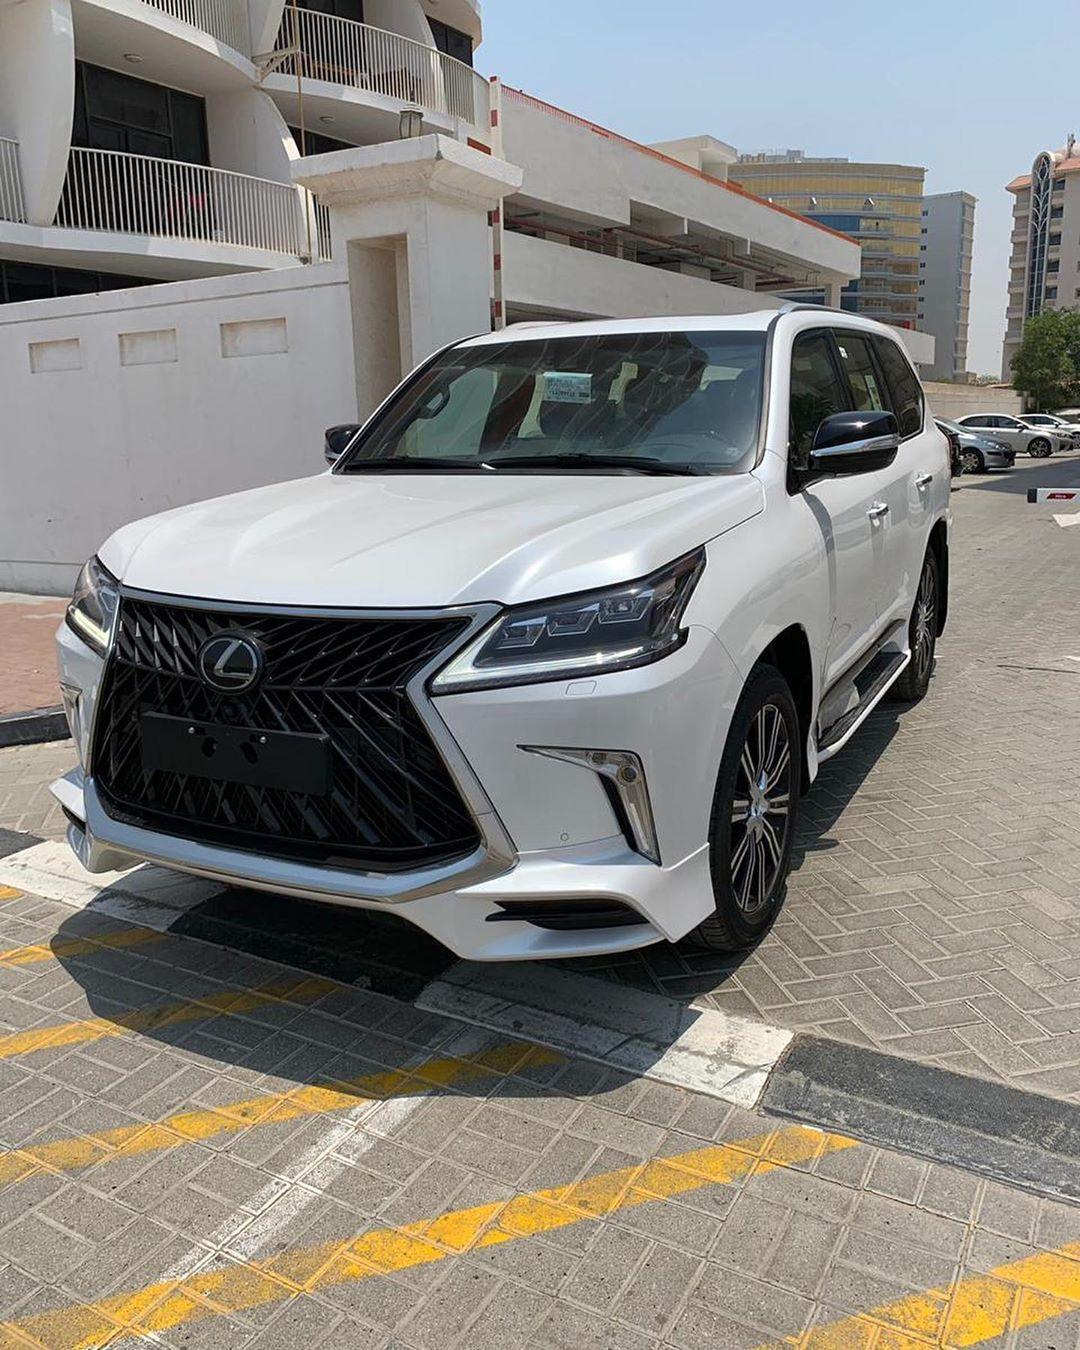 لكزس Lx570 سبورت 2020 Cars Car Lover Car